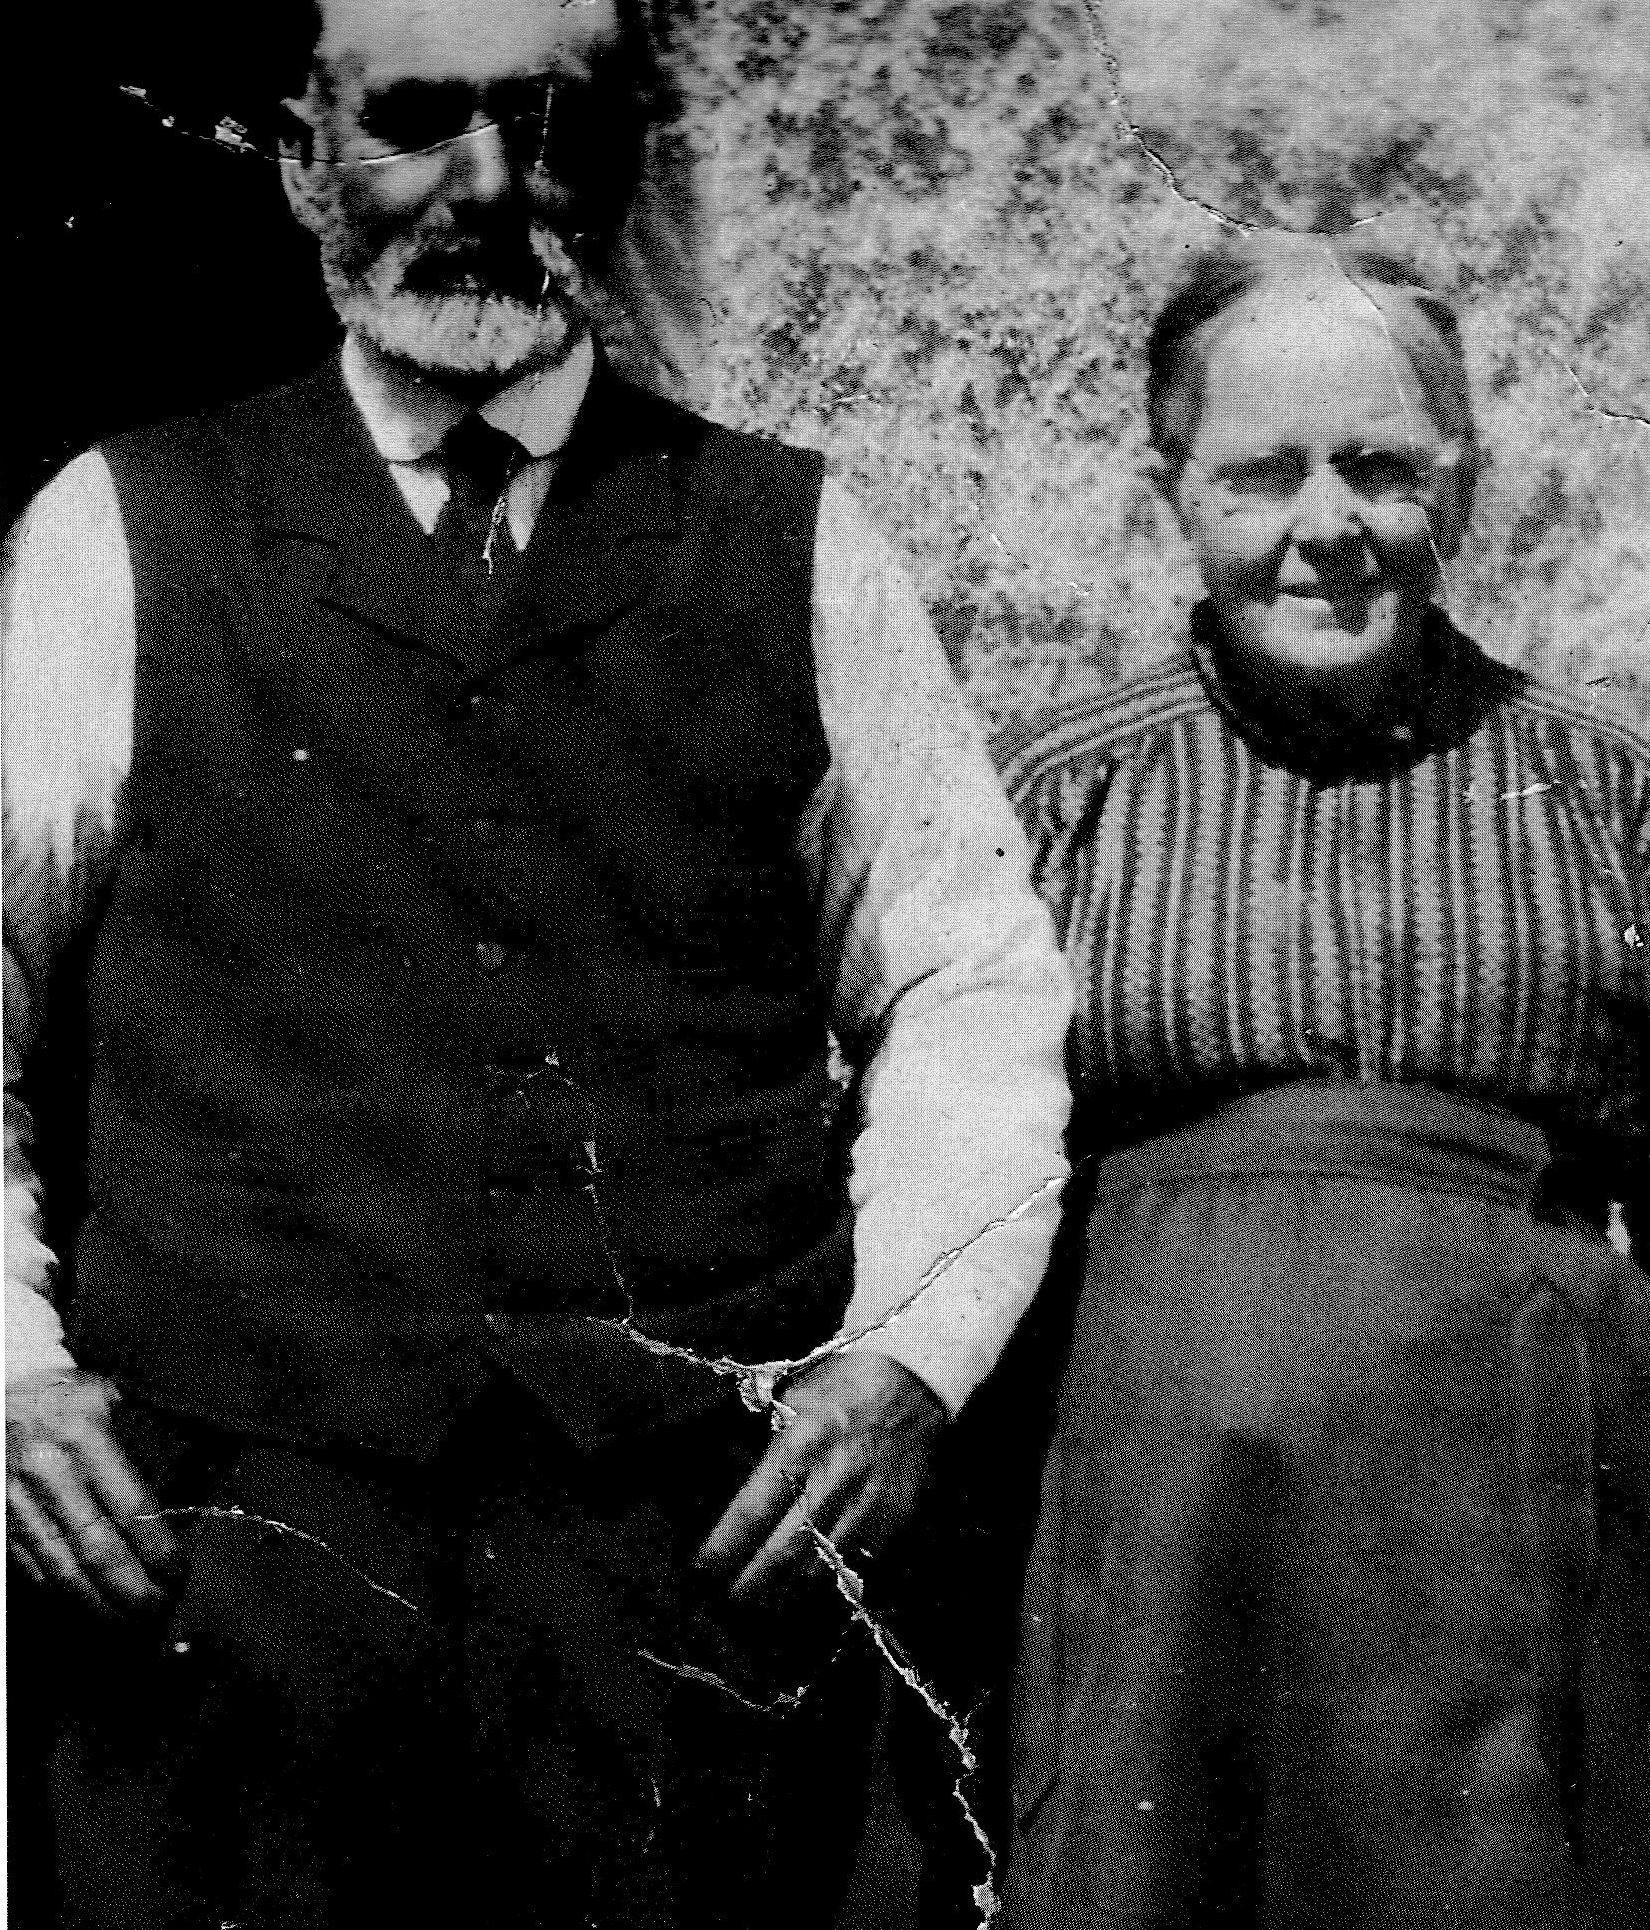 1930s-Danack More & Margaret Slater (Queen)